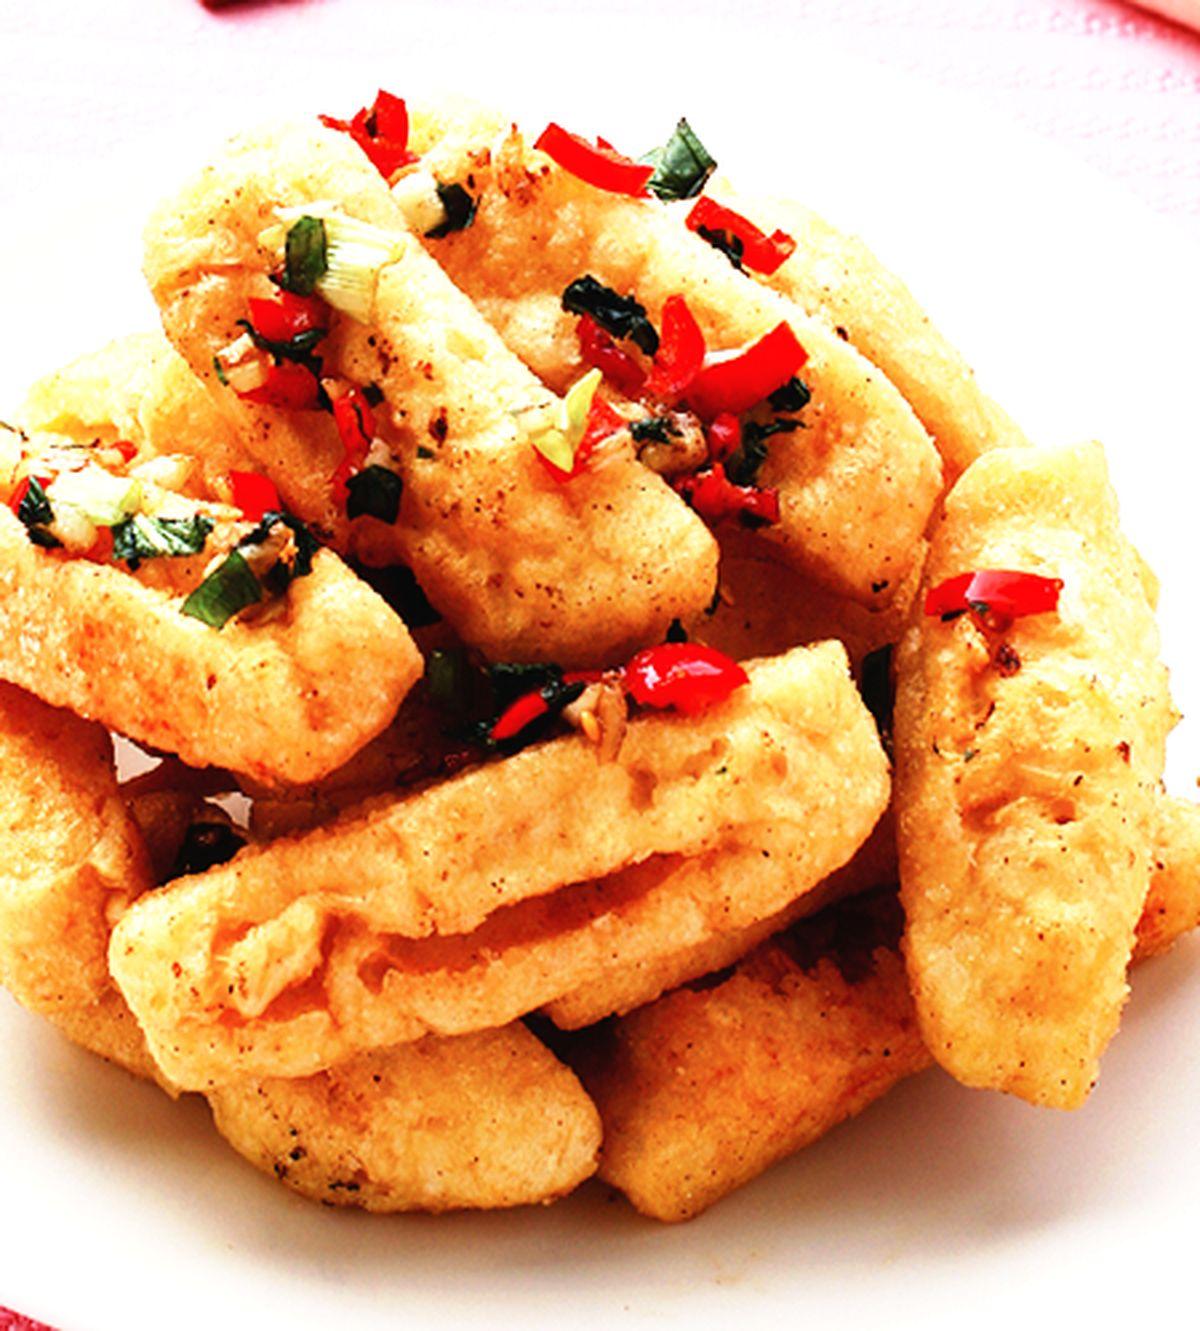 食譜:椒鹽臭豆腐